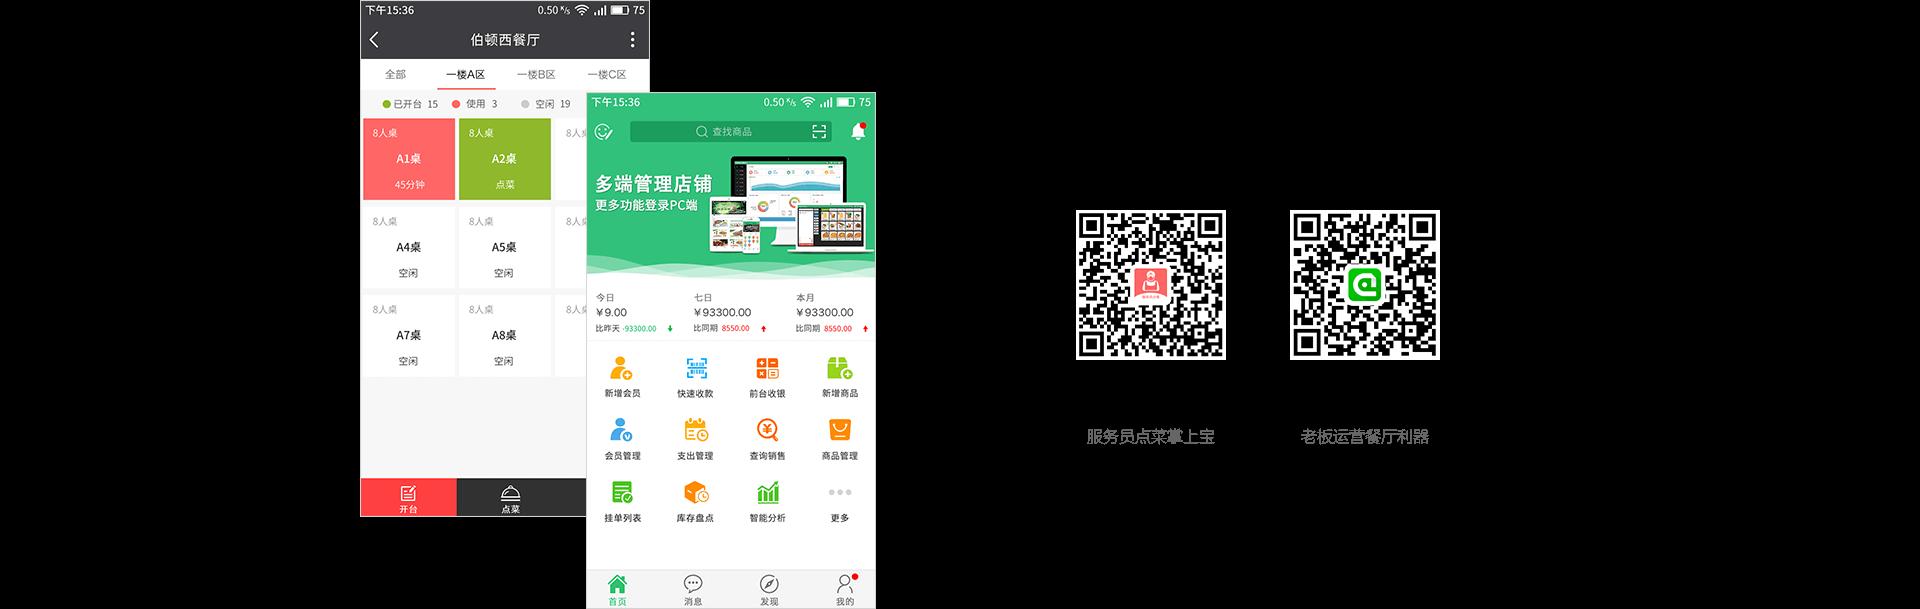 德客餐饮管理系统app